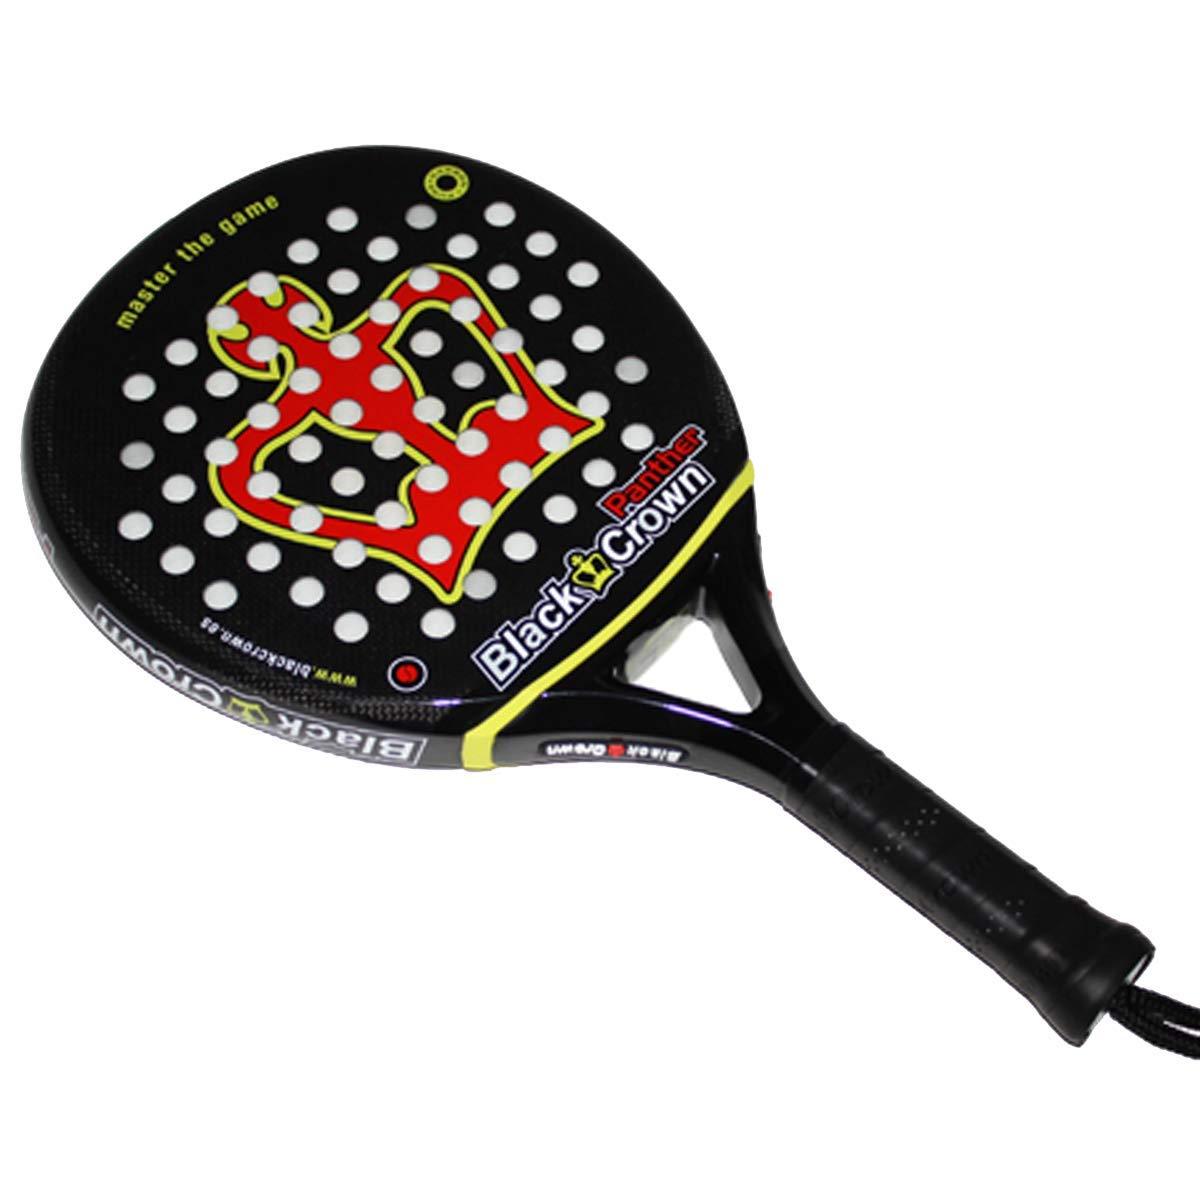 Amazon.com: Panther – Profesional Raqueta Padel y Tenis de ...